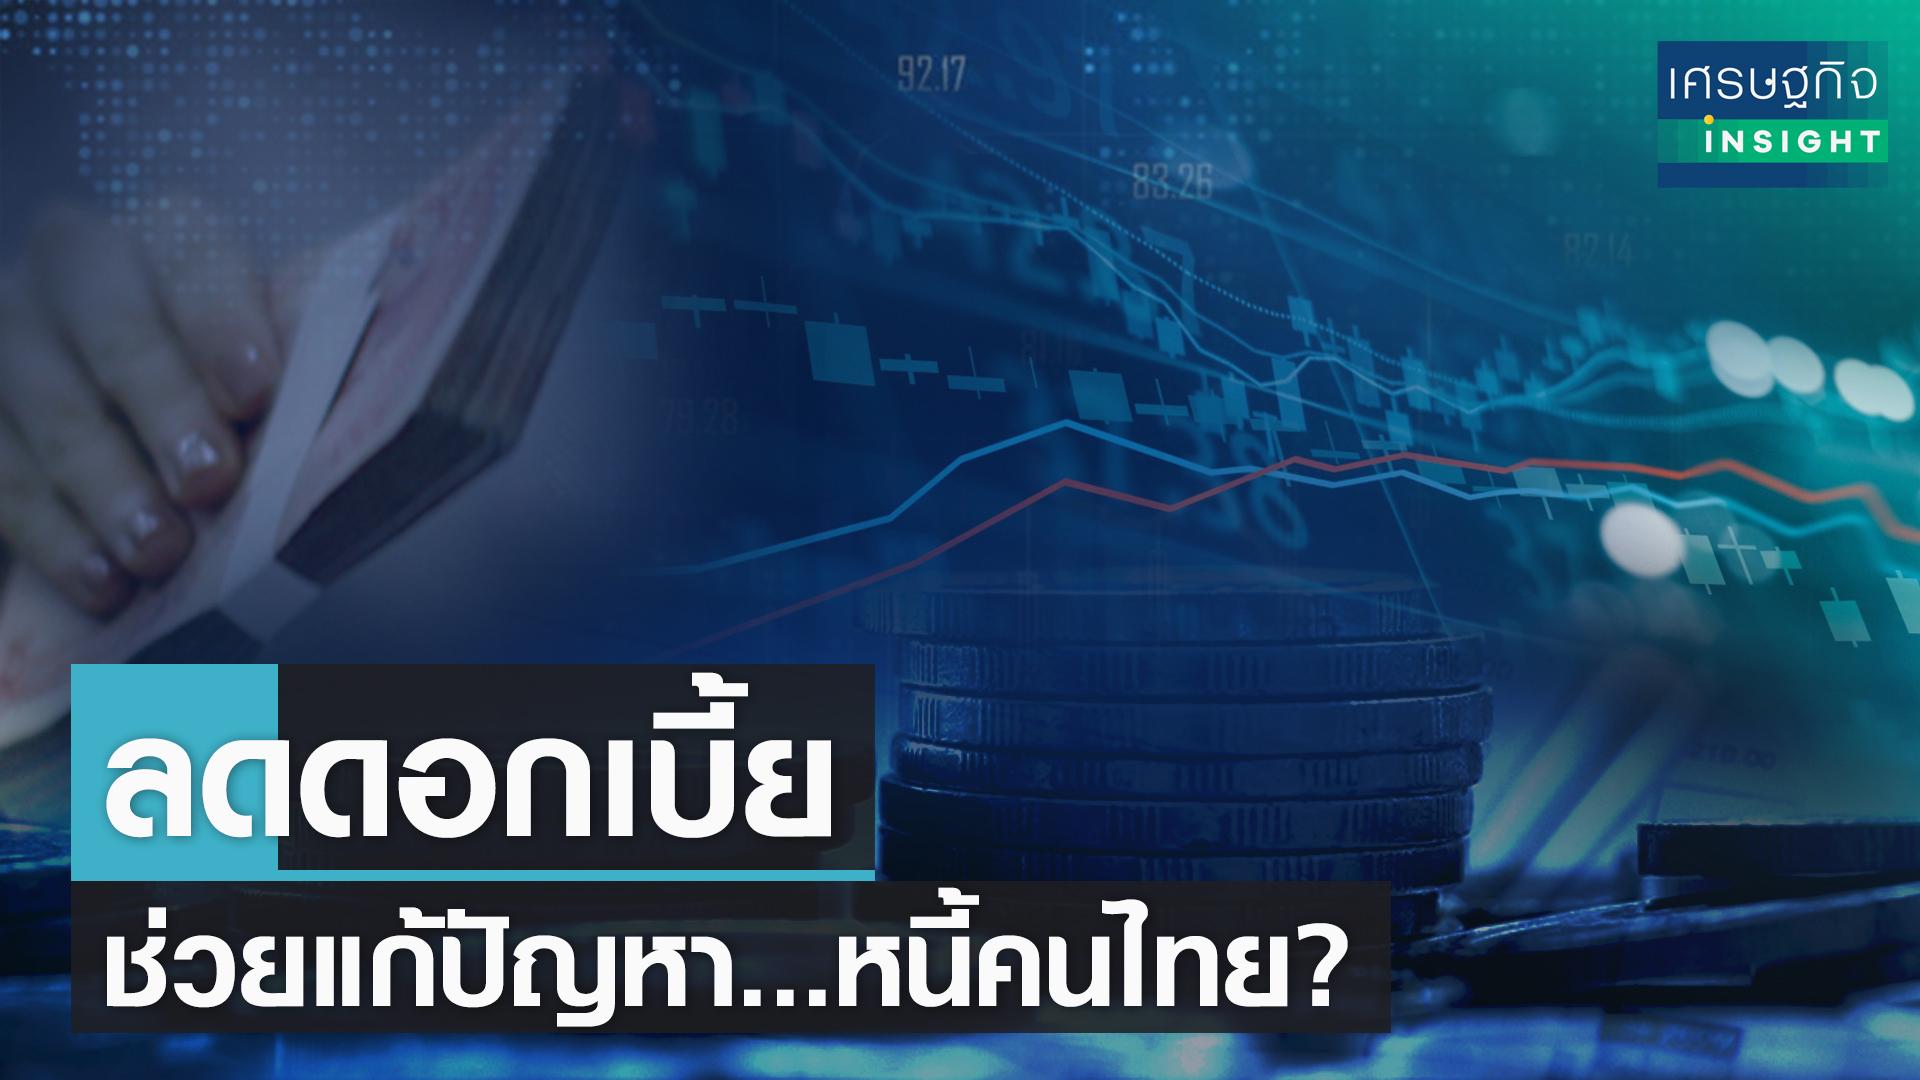 เปิดทางรอด เอสเอ็มอีไทย 3 ข้อ พลิกฟื้นธุรกิจ